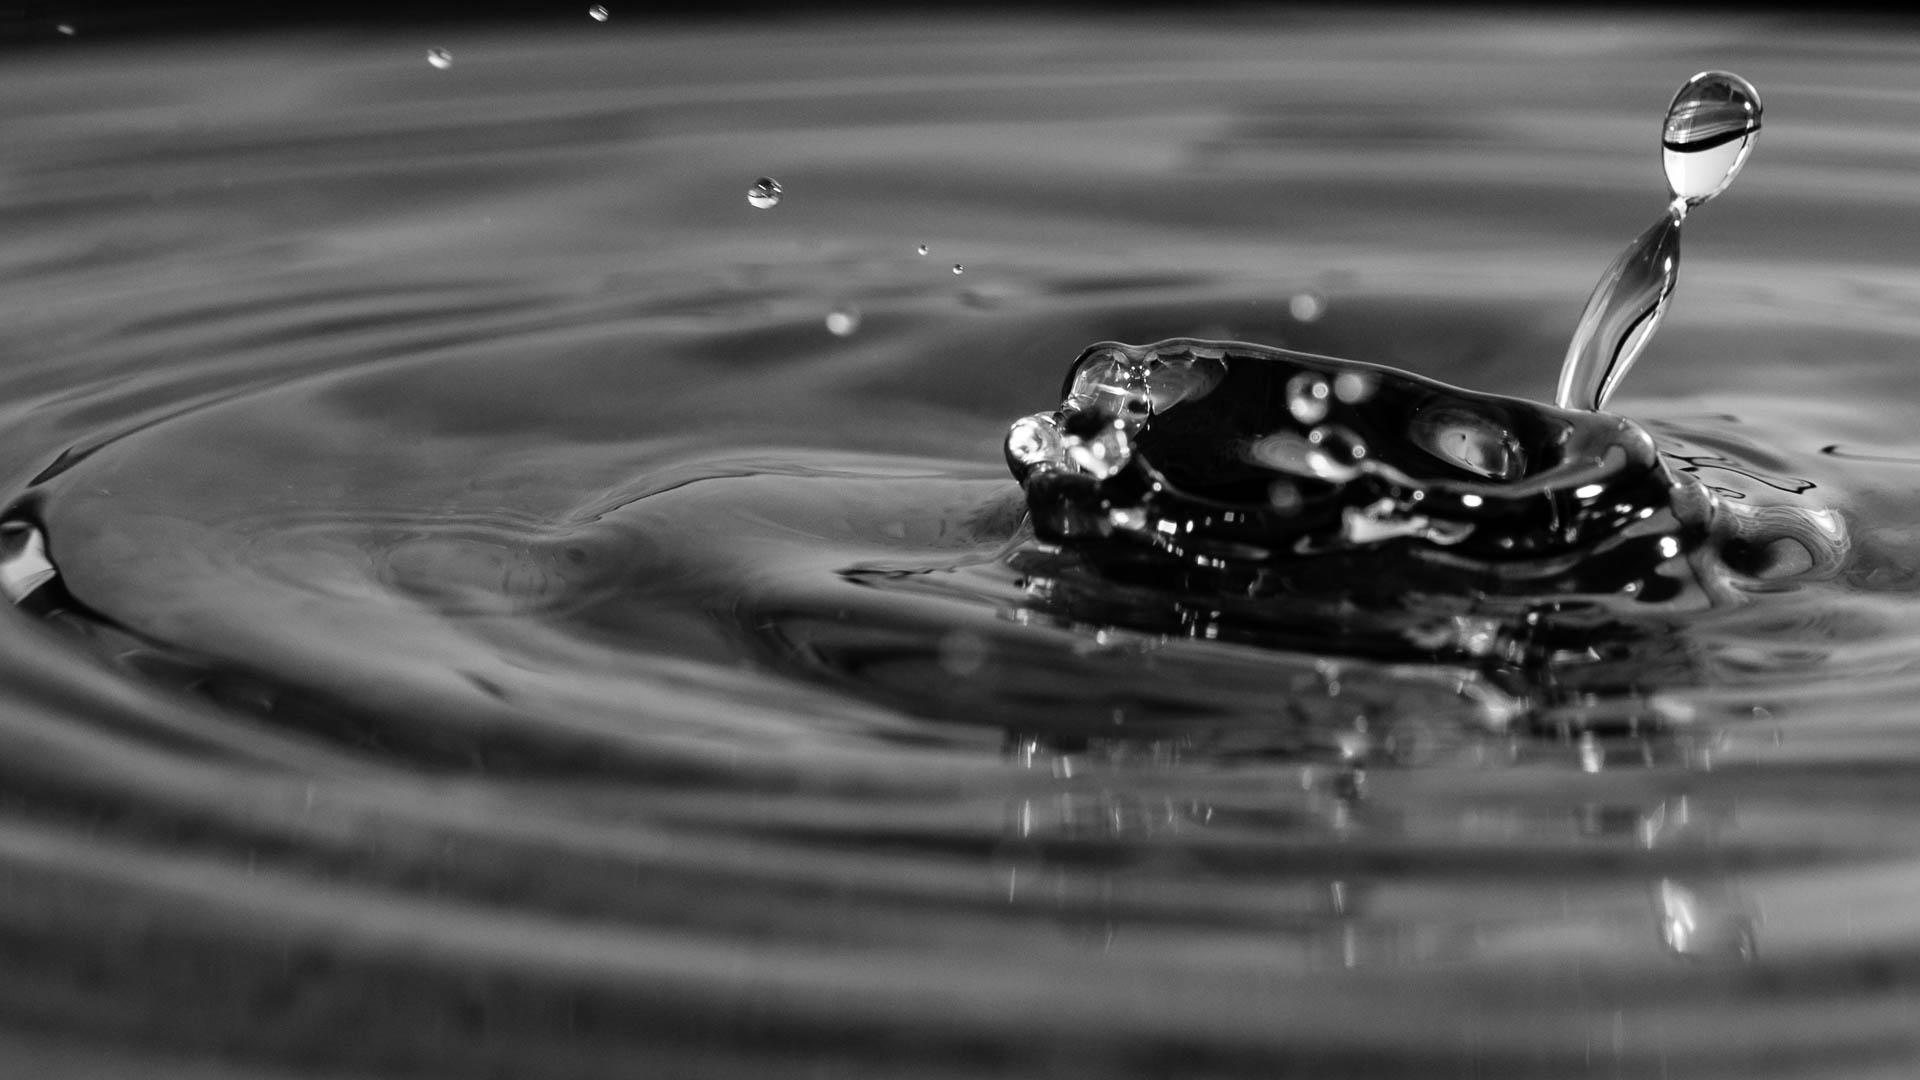 Nikon D300 - Wassertropfen schwarz weiss fotografieren